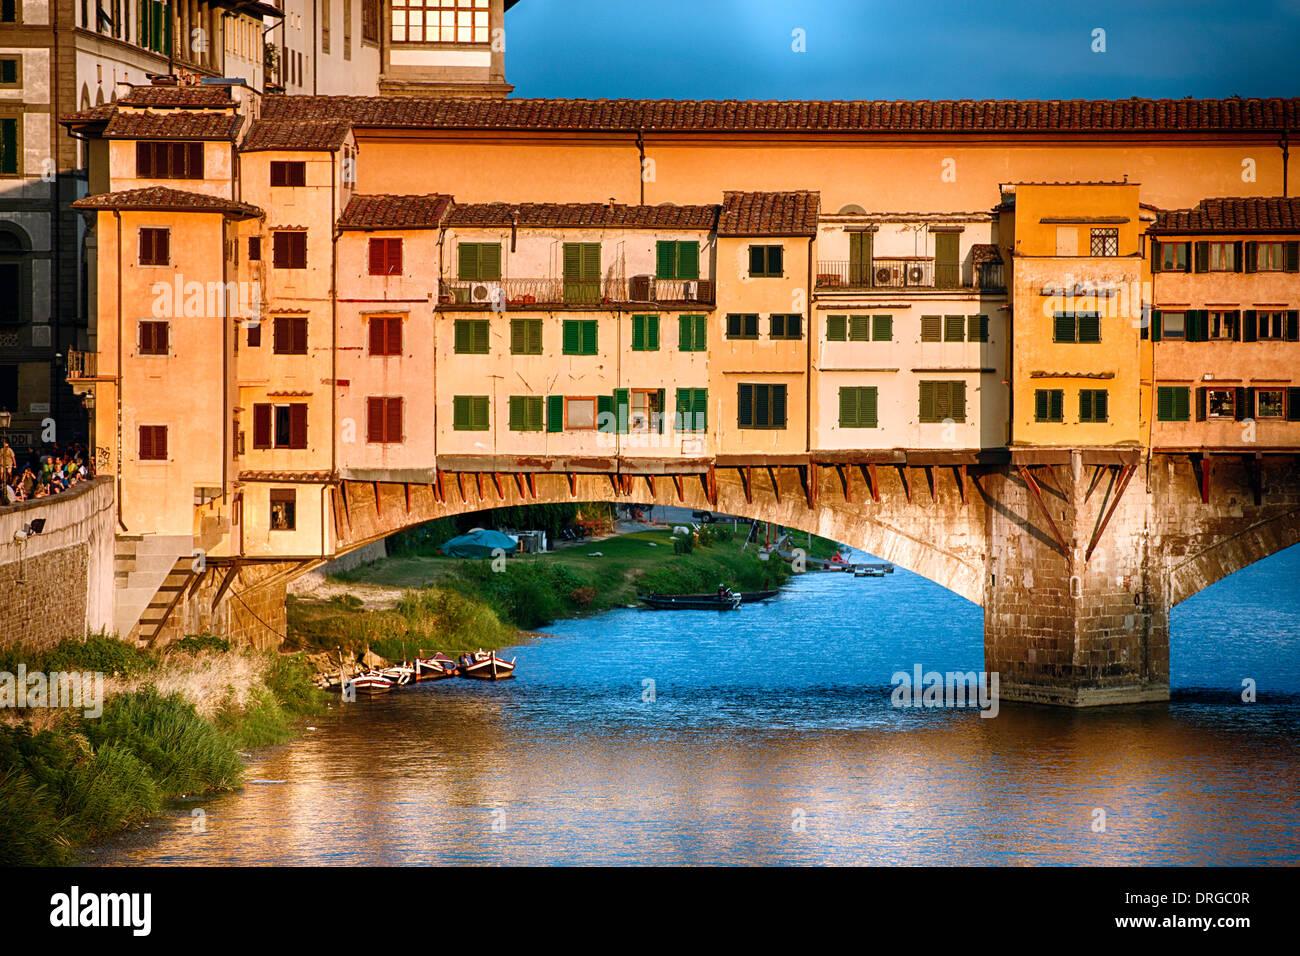 Vue rapprochée du Ponte Vecchio Sur l'Arno au coucher du soleil, Florence, Toscane, Italie Photo Stock